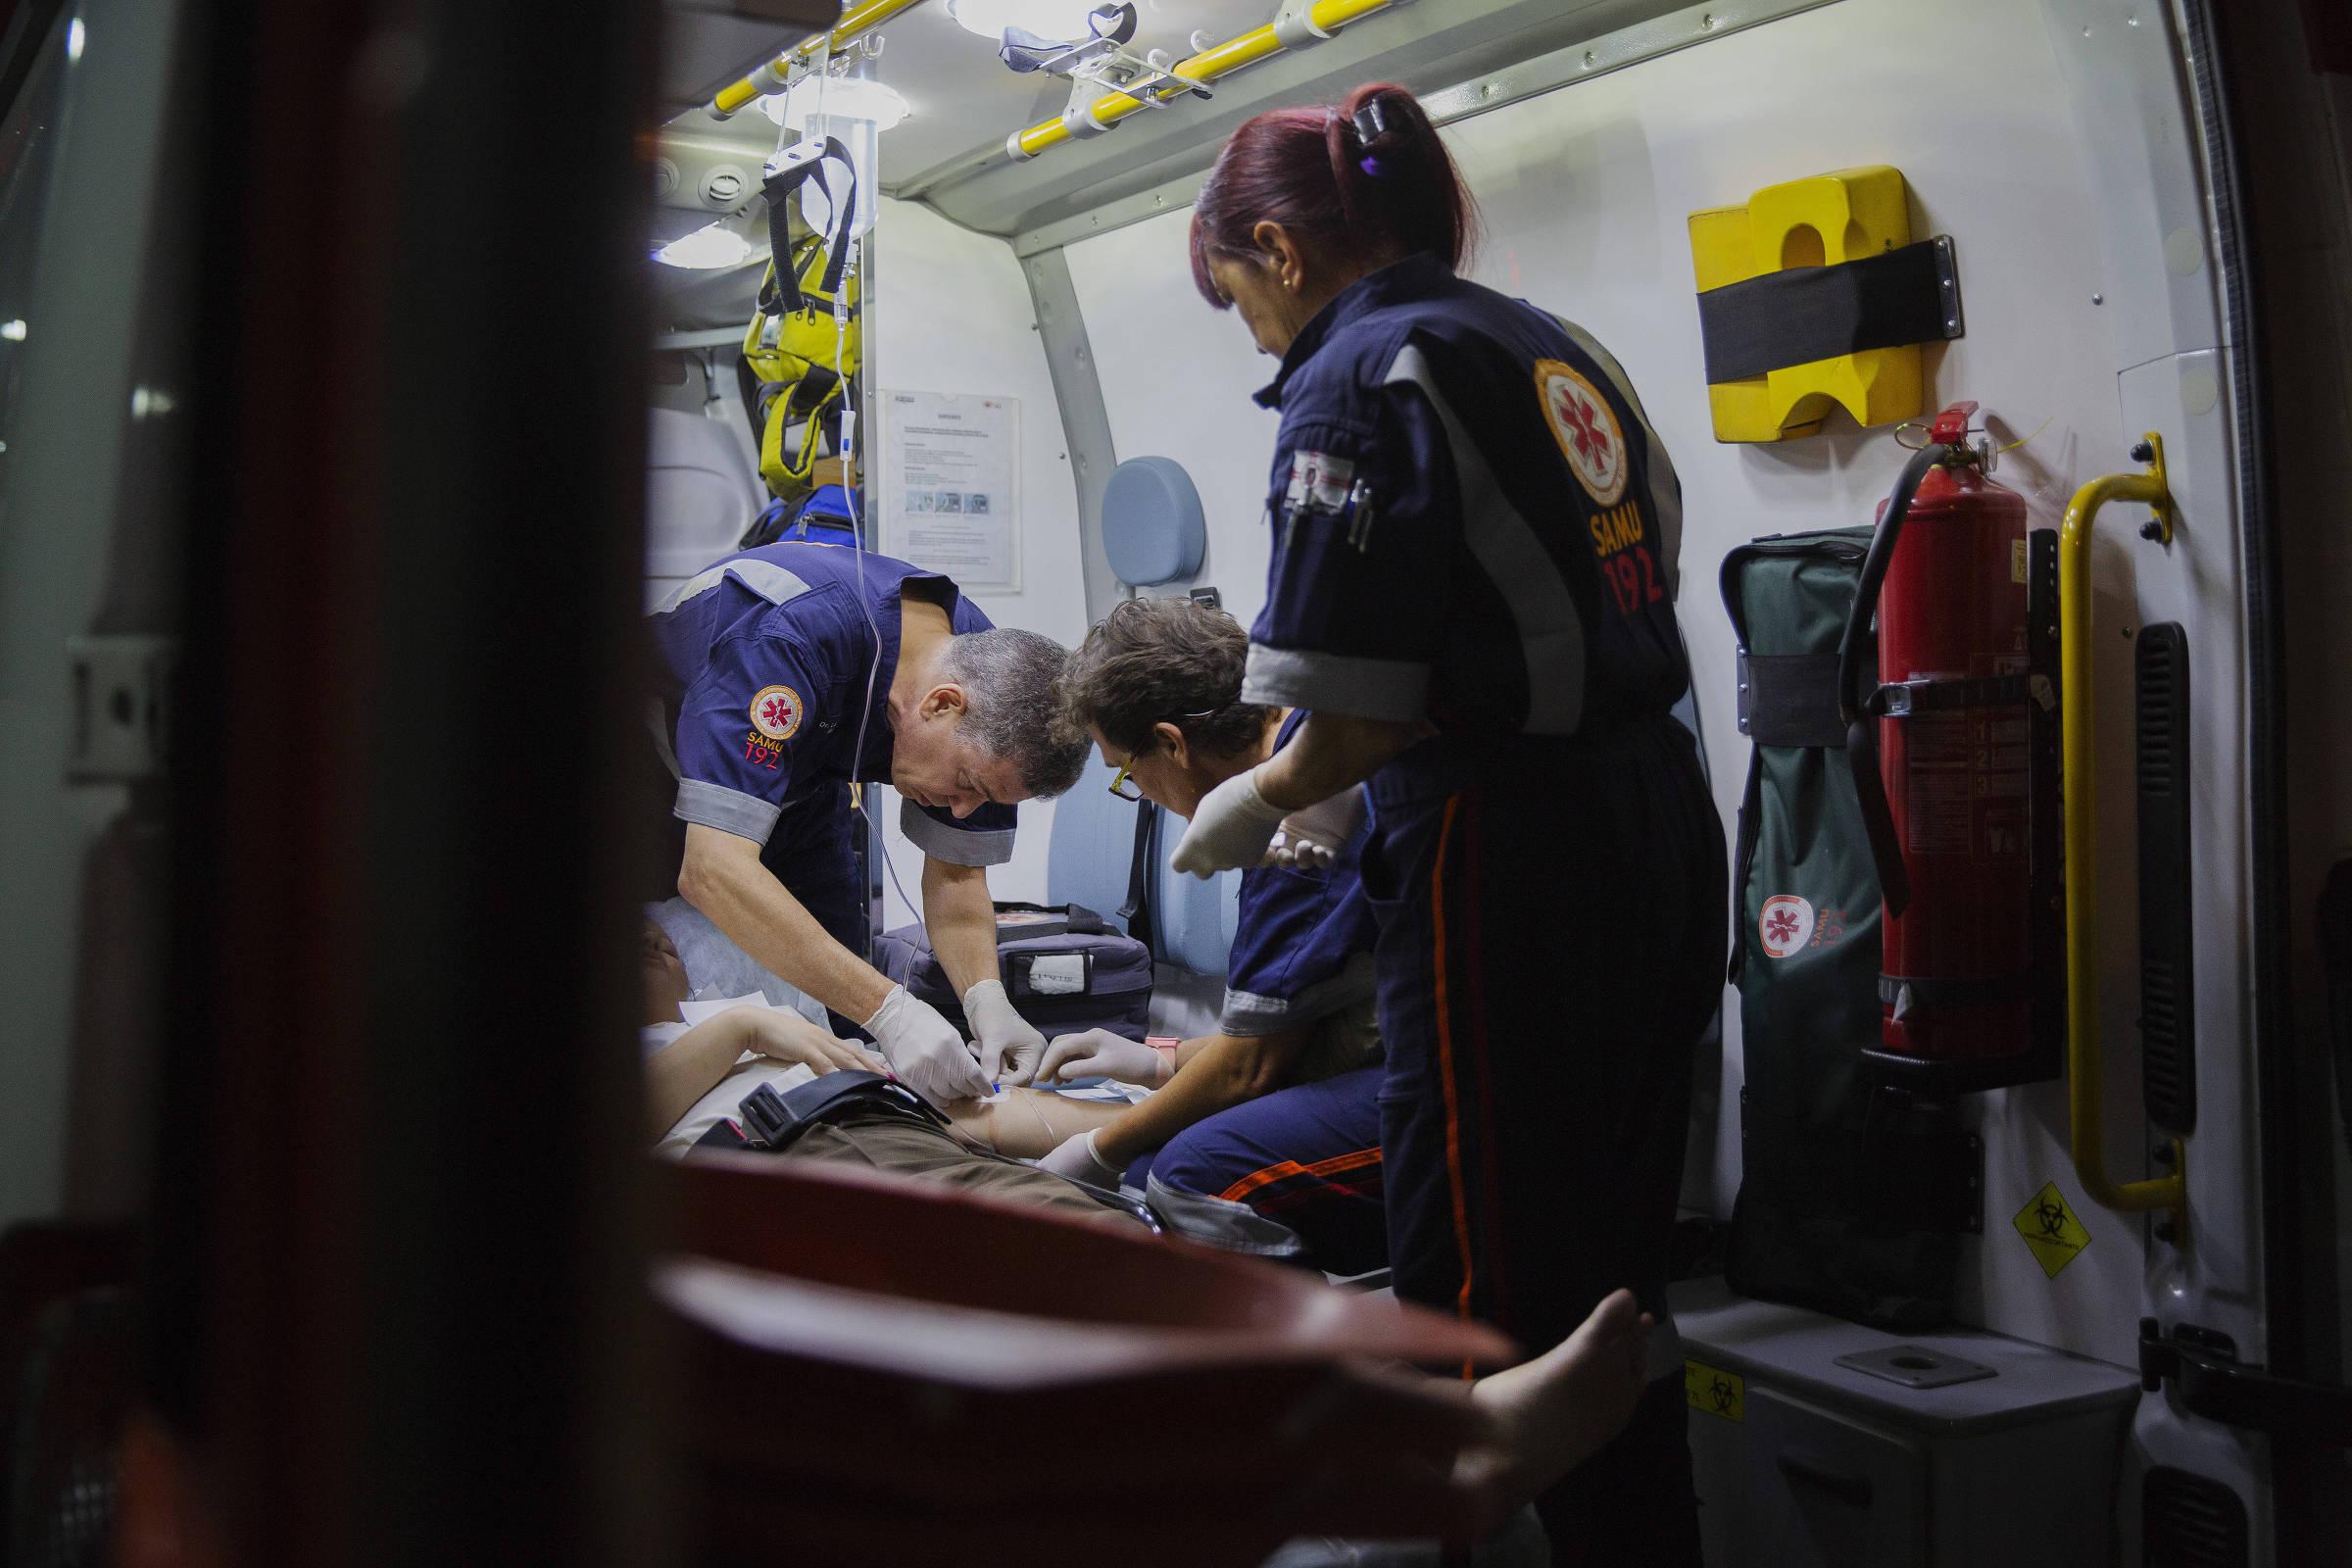 Médicos do Samu de SP são avisados de que terão que atestar mortes